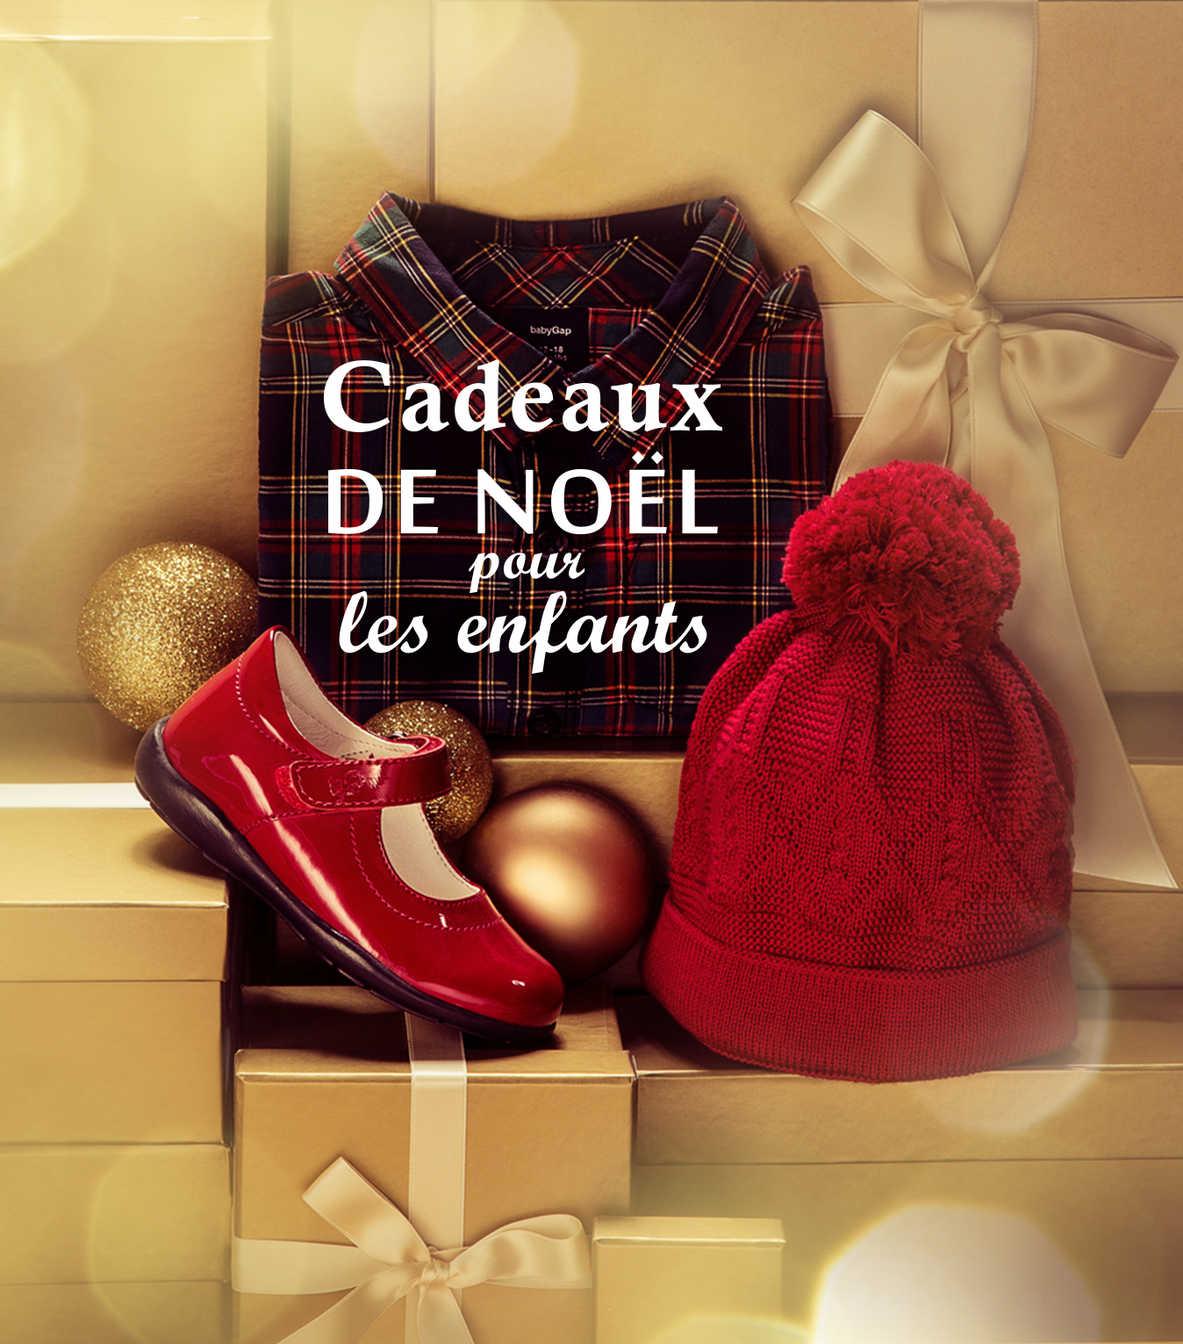 Cadeaux de noel pour les enfants en vente priv e chez zalando priv du 11 12 - Vente cadeau de noel ...